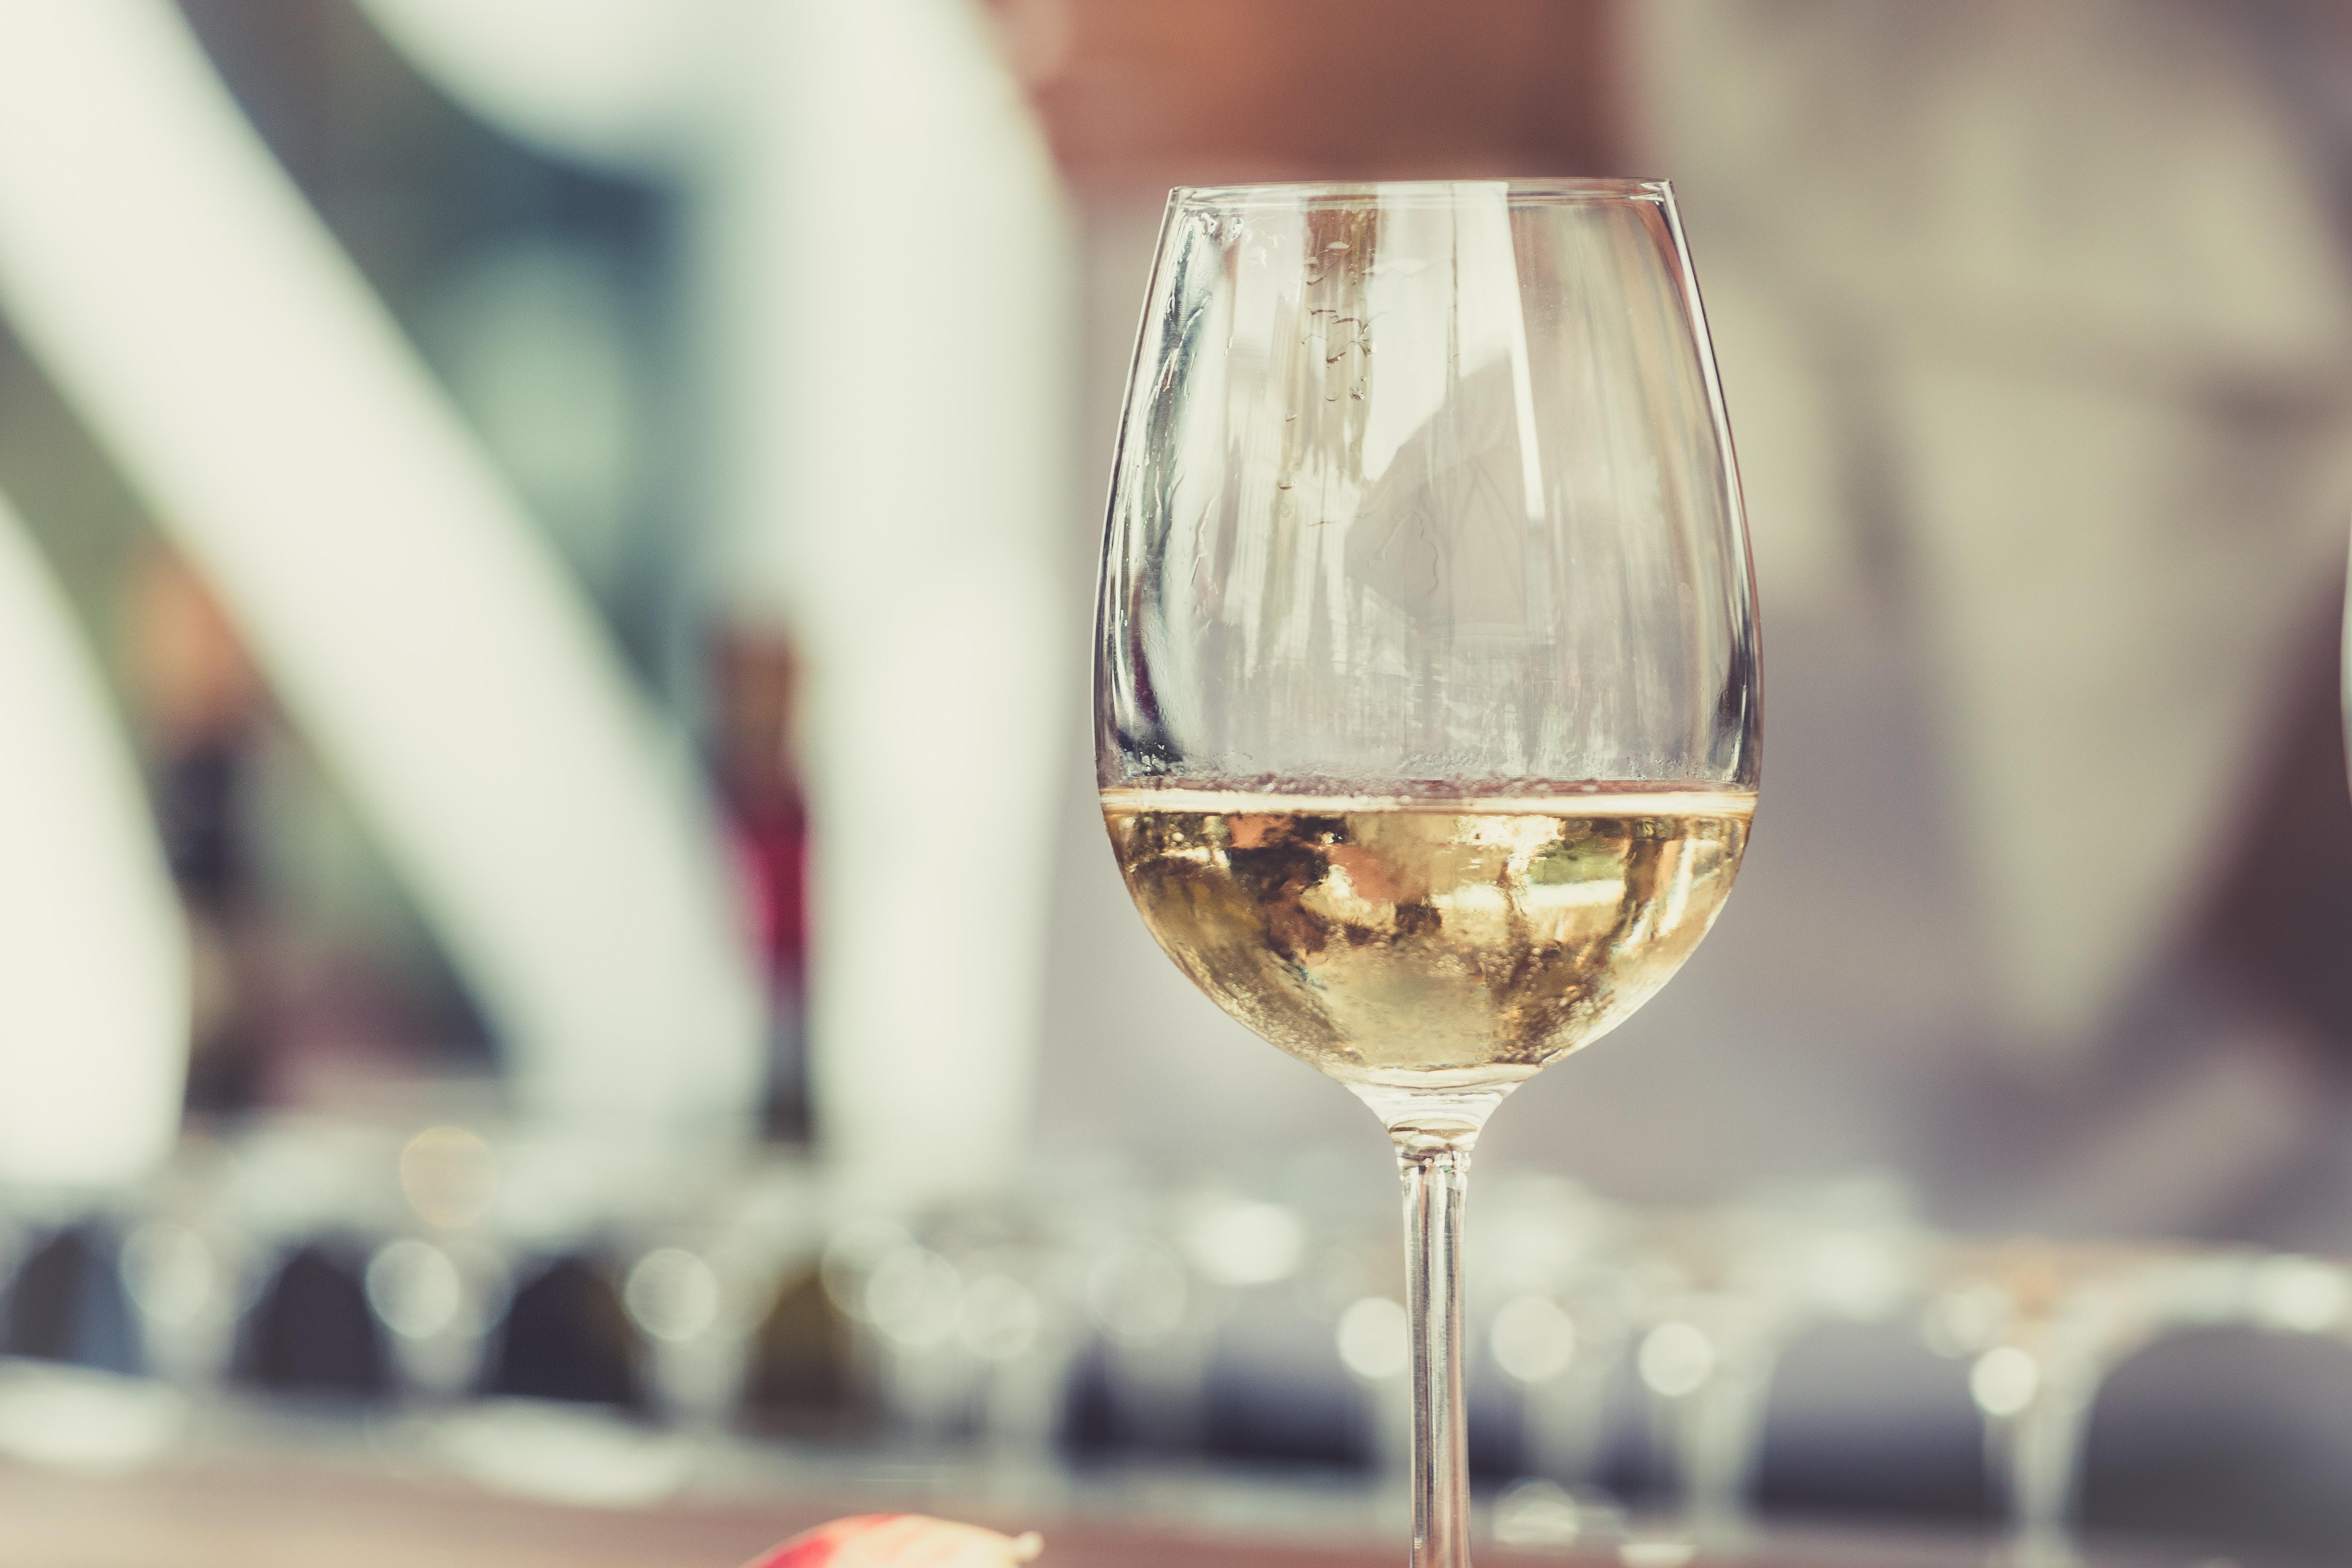 Vinos de italia: Tocai friulano